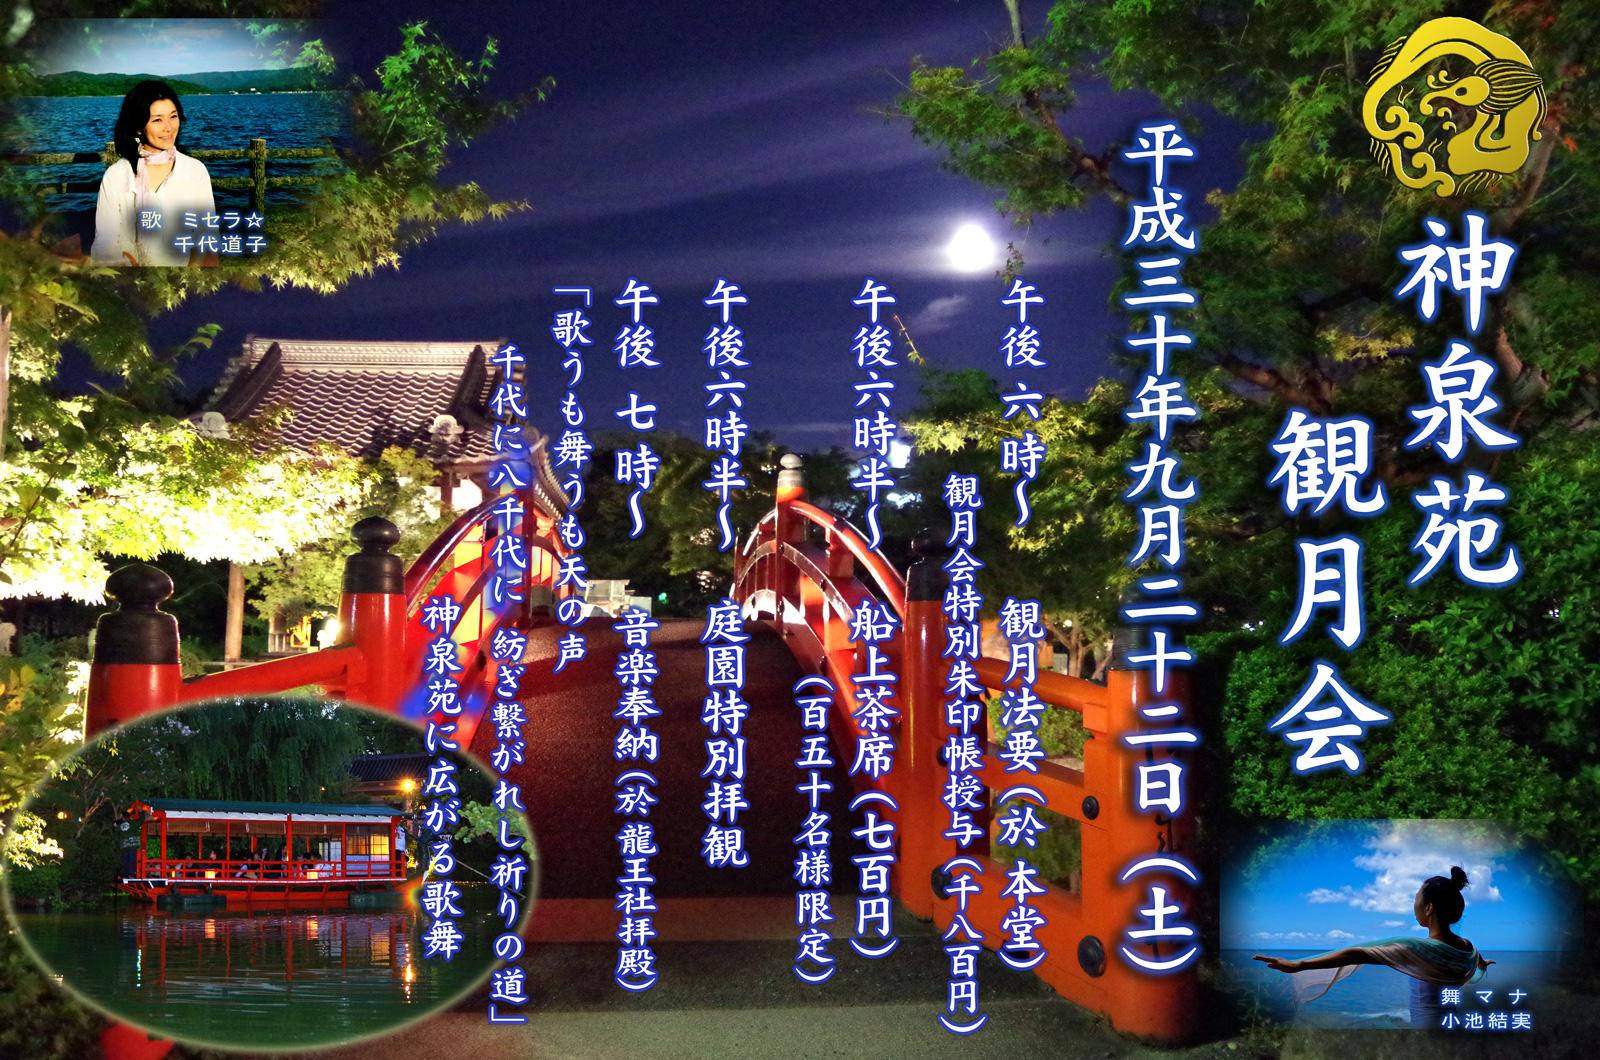 平30年観月会ポスター1